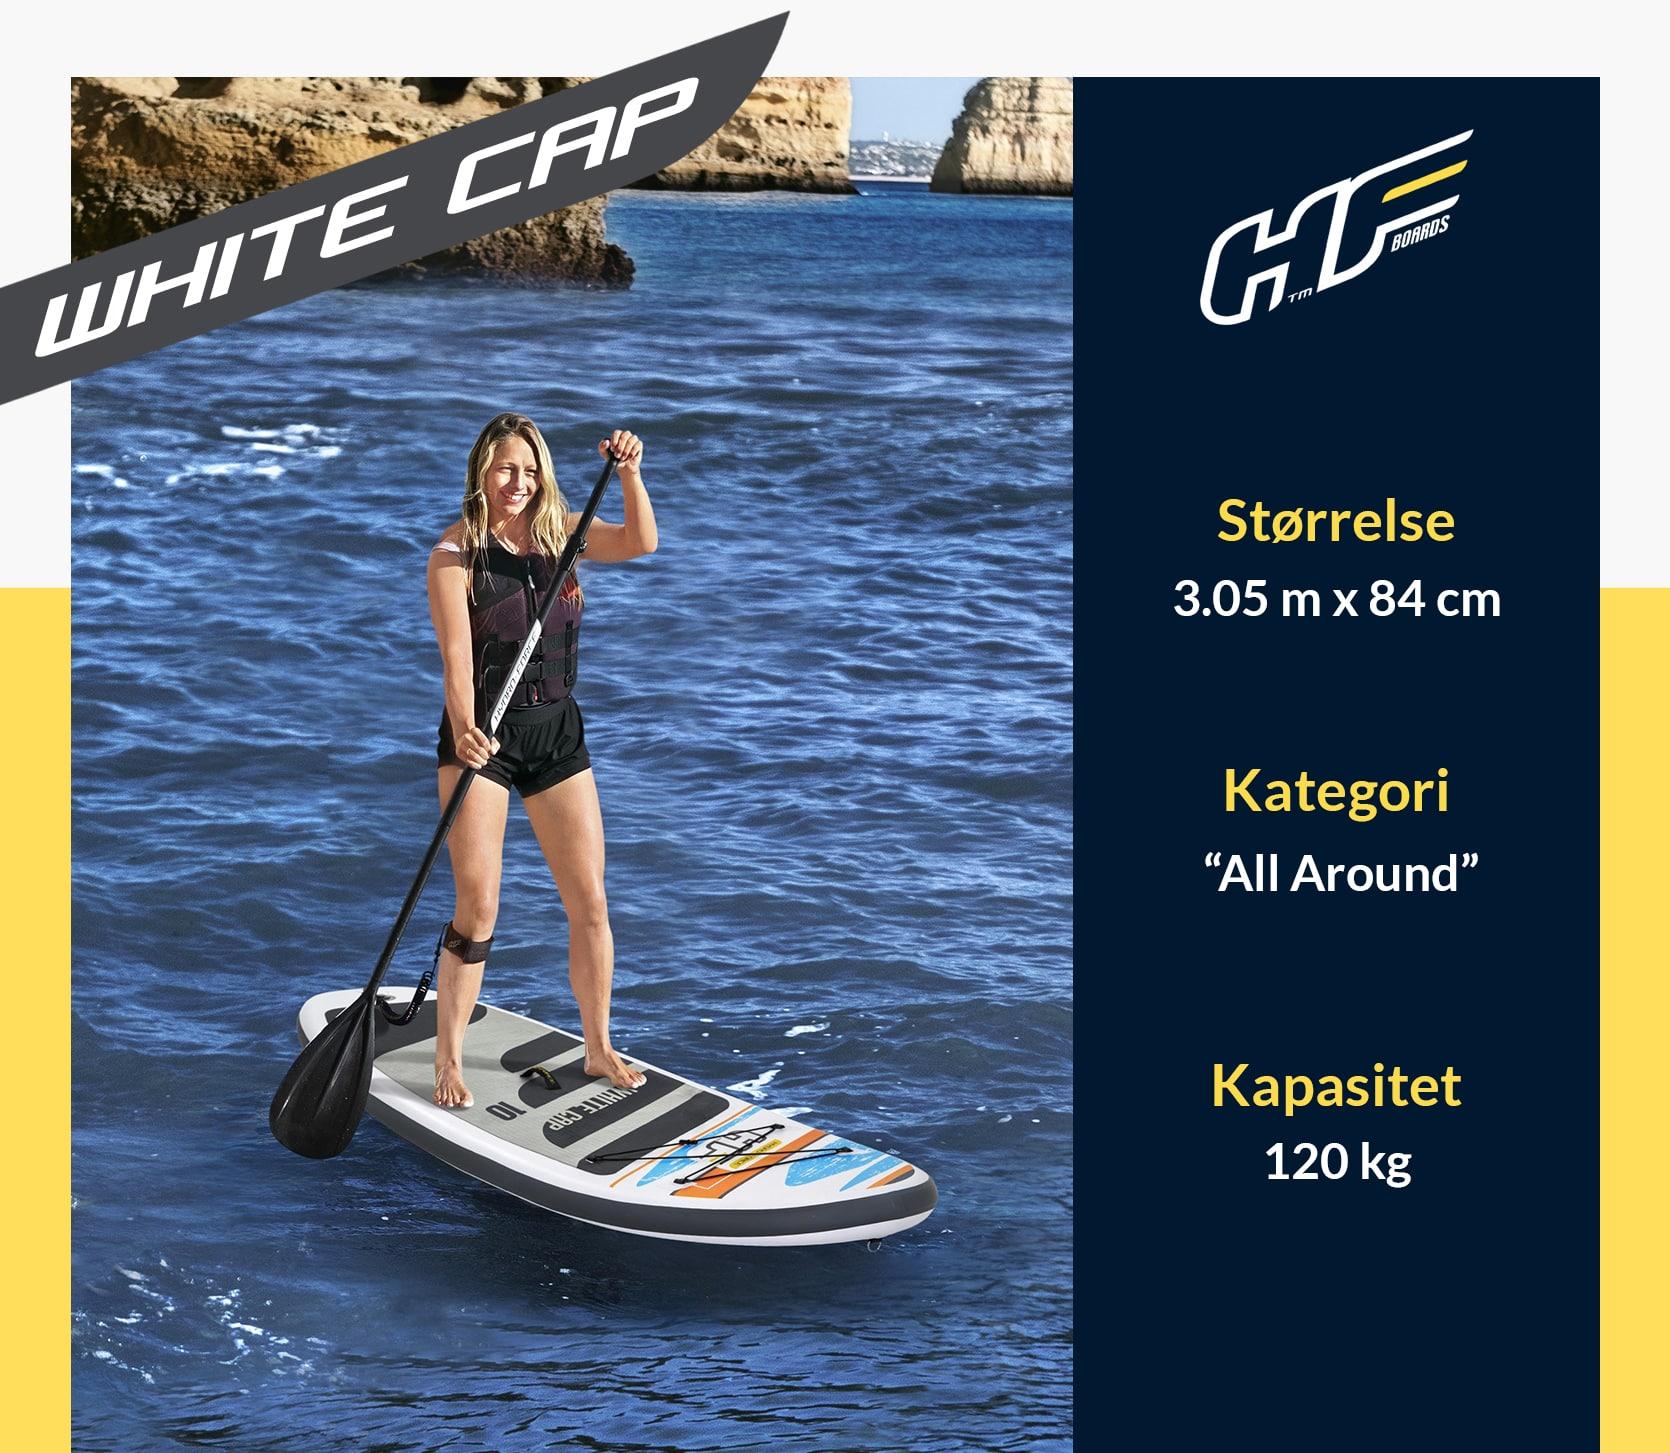 Paddleboard White Cap Sup Brett